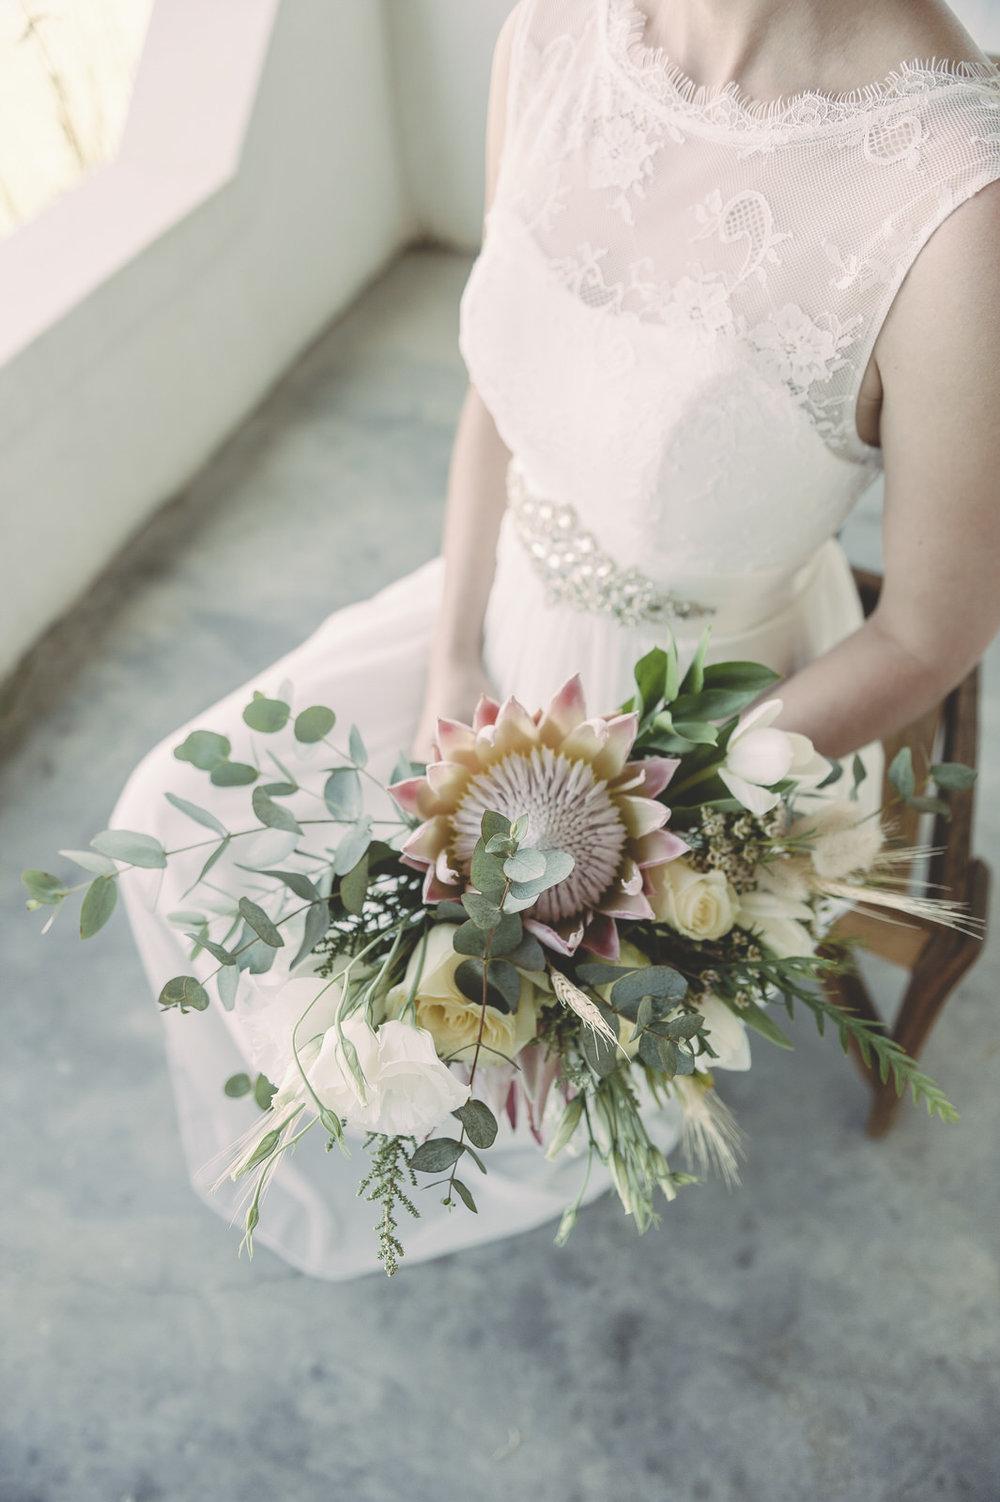 RyanParker_Wedding_CapeTown_Hermanus_E+P_DSC_6510.jpg